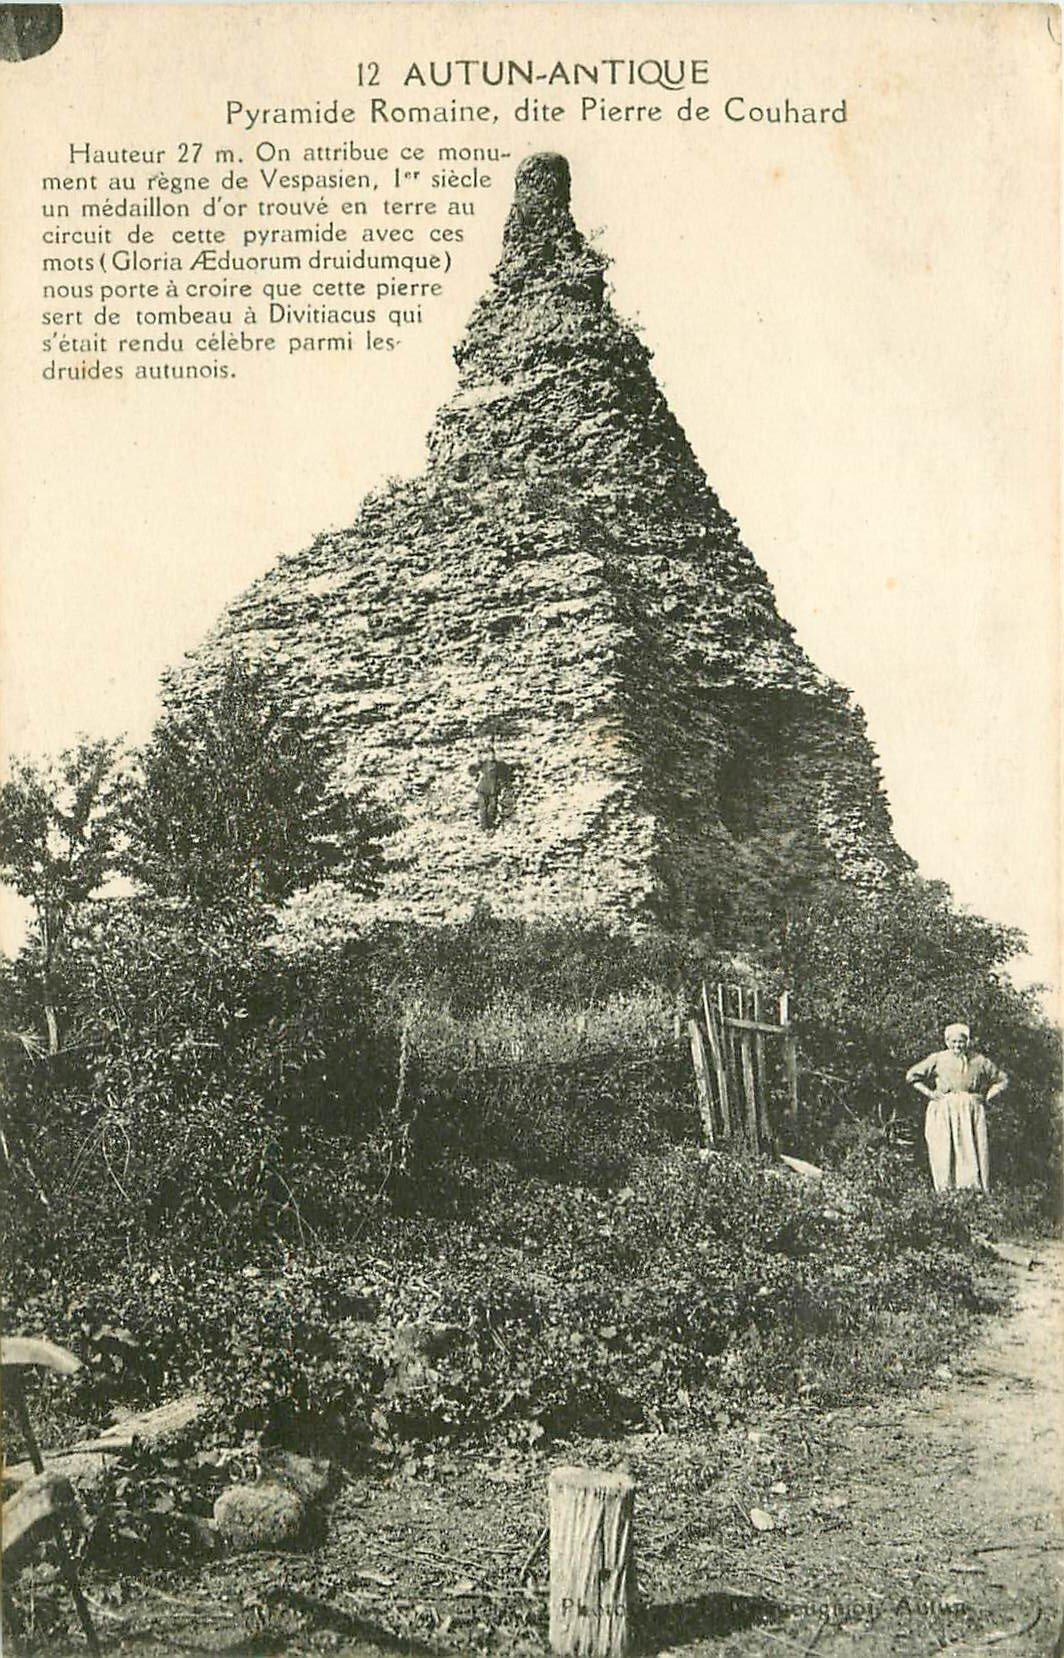 DOLMENS et MENHIRS et PIERRES. 71 Autun Antique. Pyramide Romaine dite Pierre de Couhard